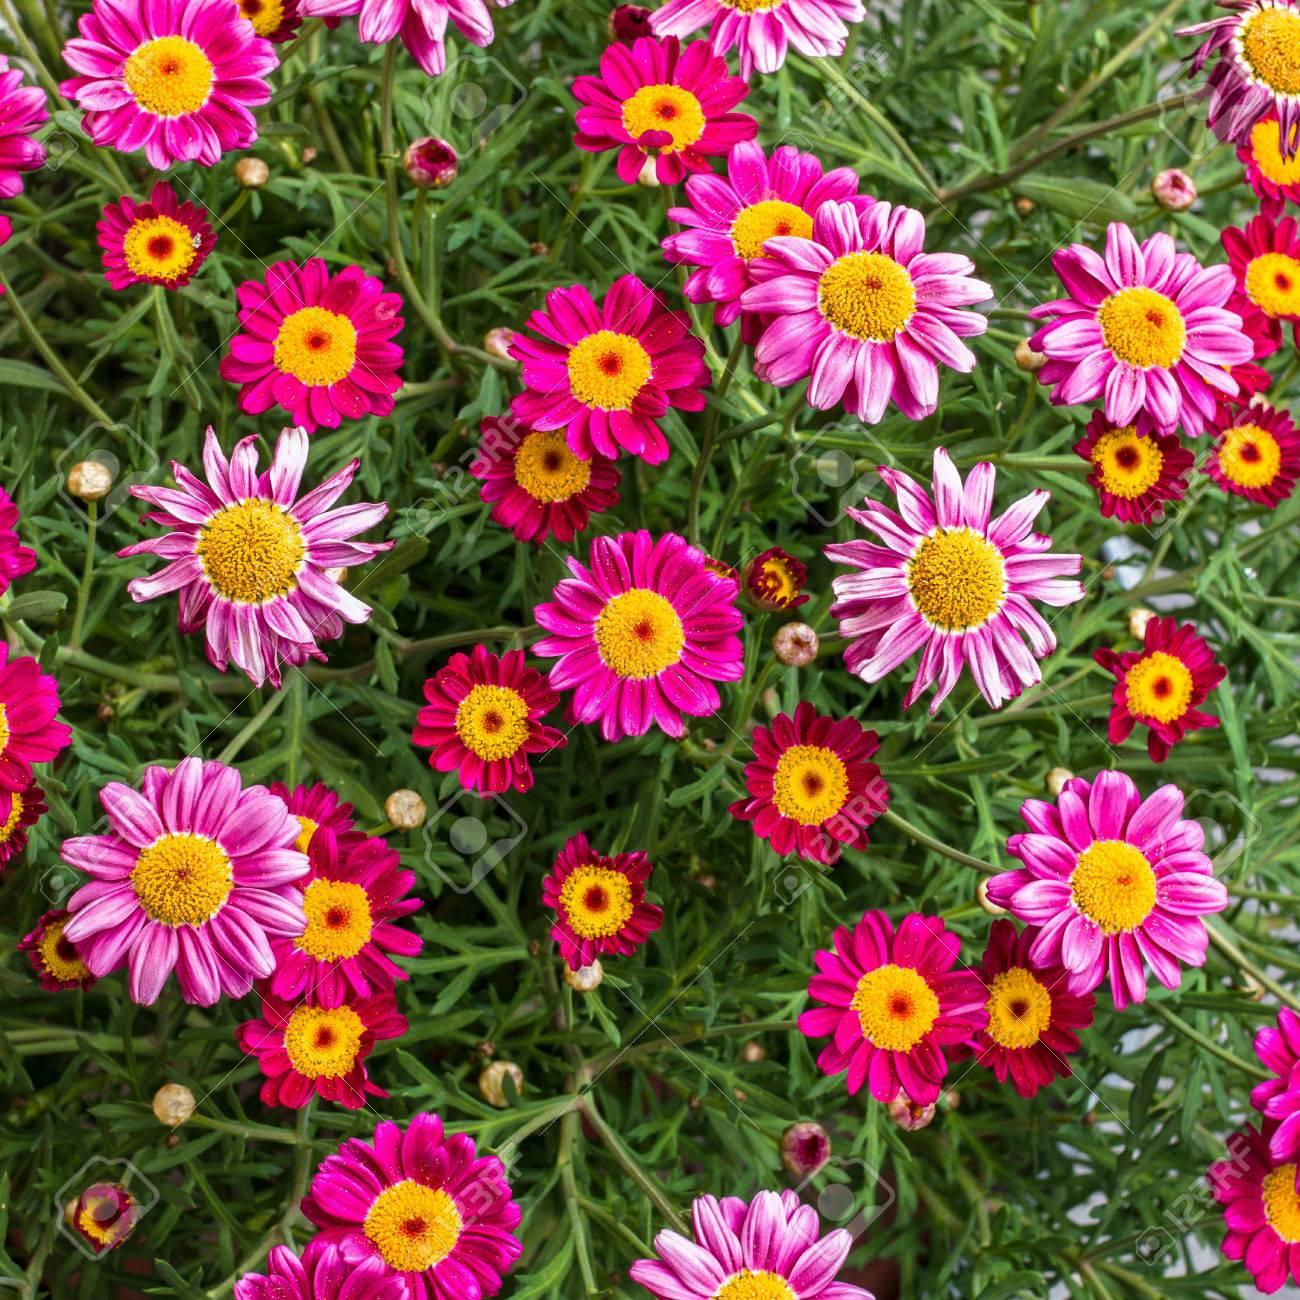 Eine Erstaunliche Reihe Von Frühlingsblumen In Hellen Farben ...